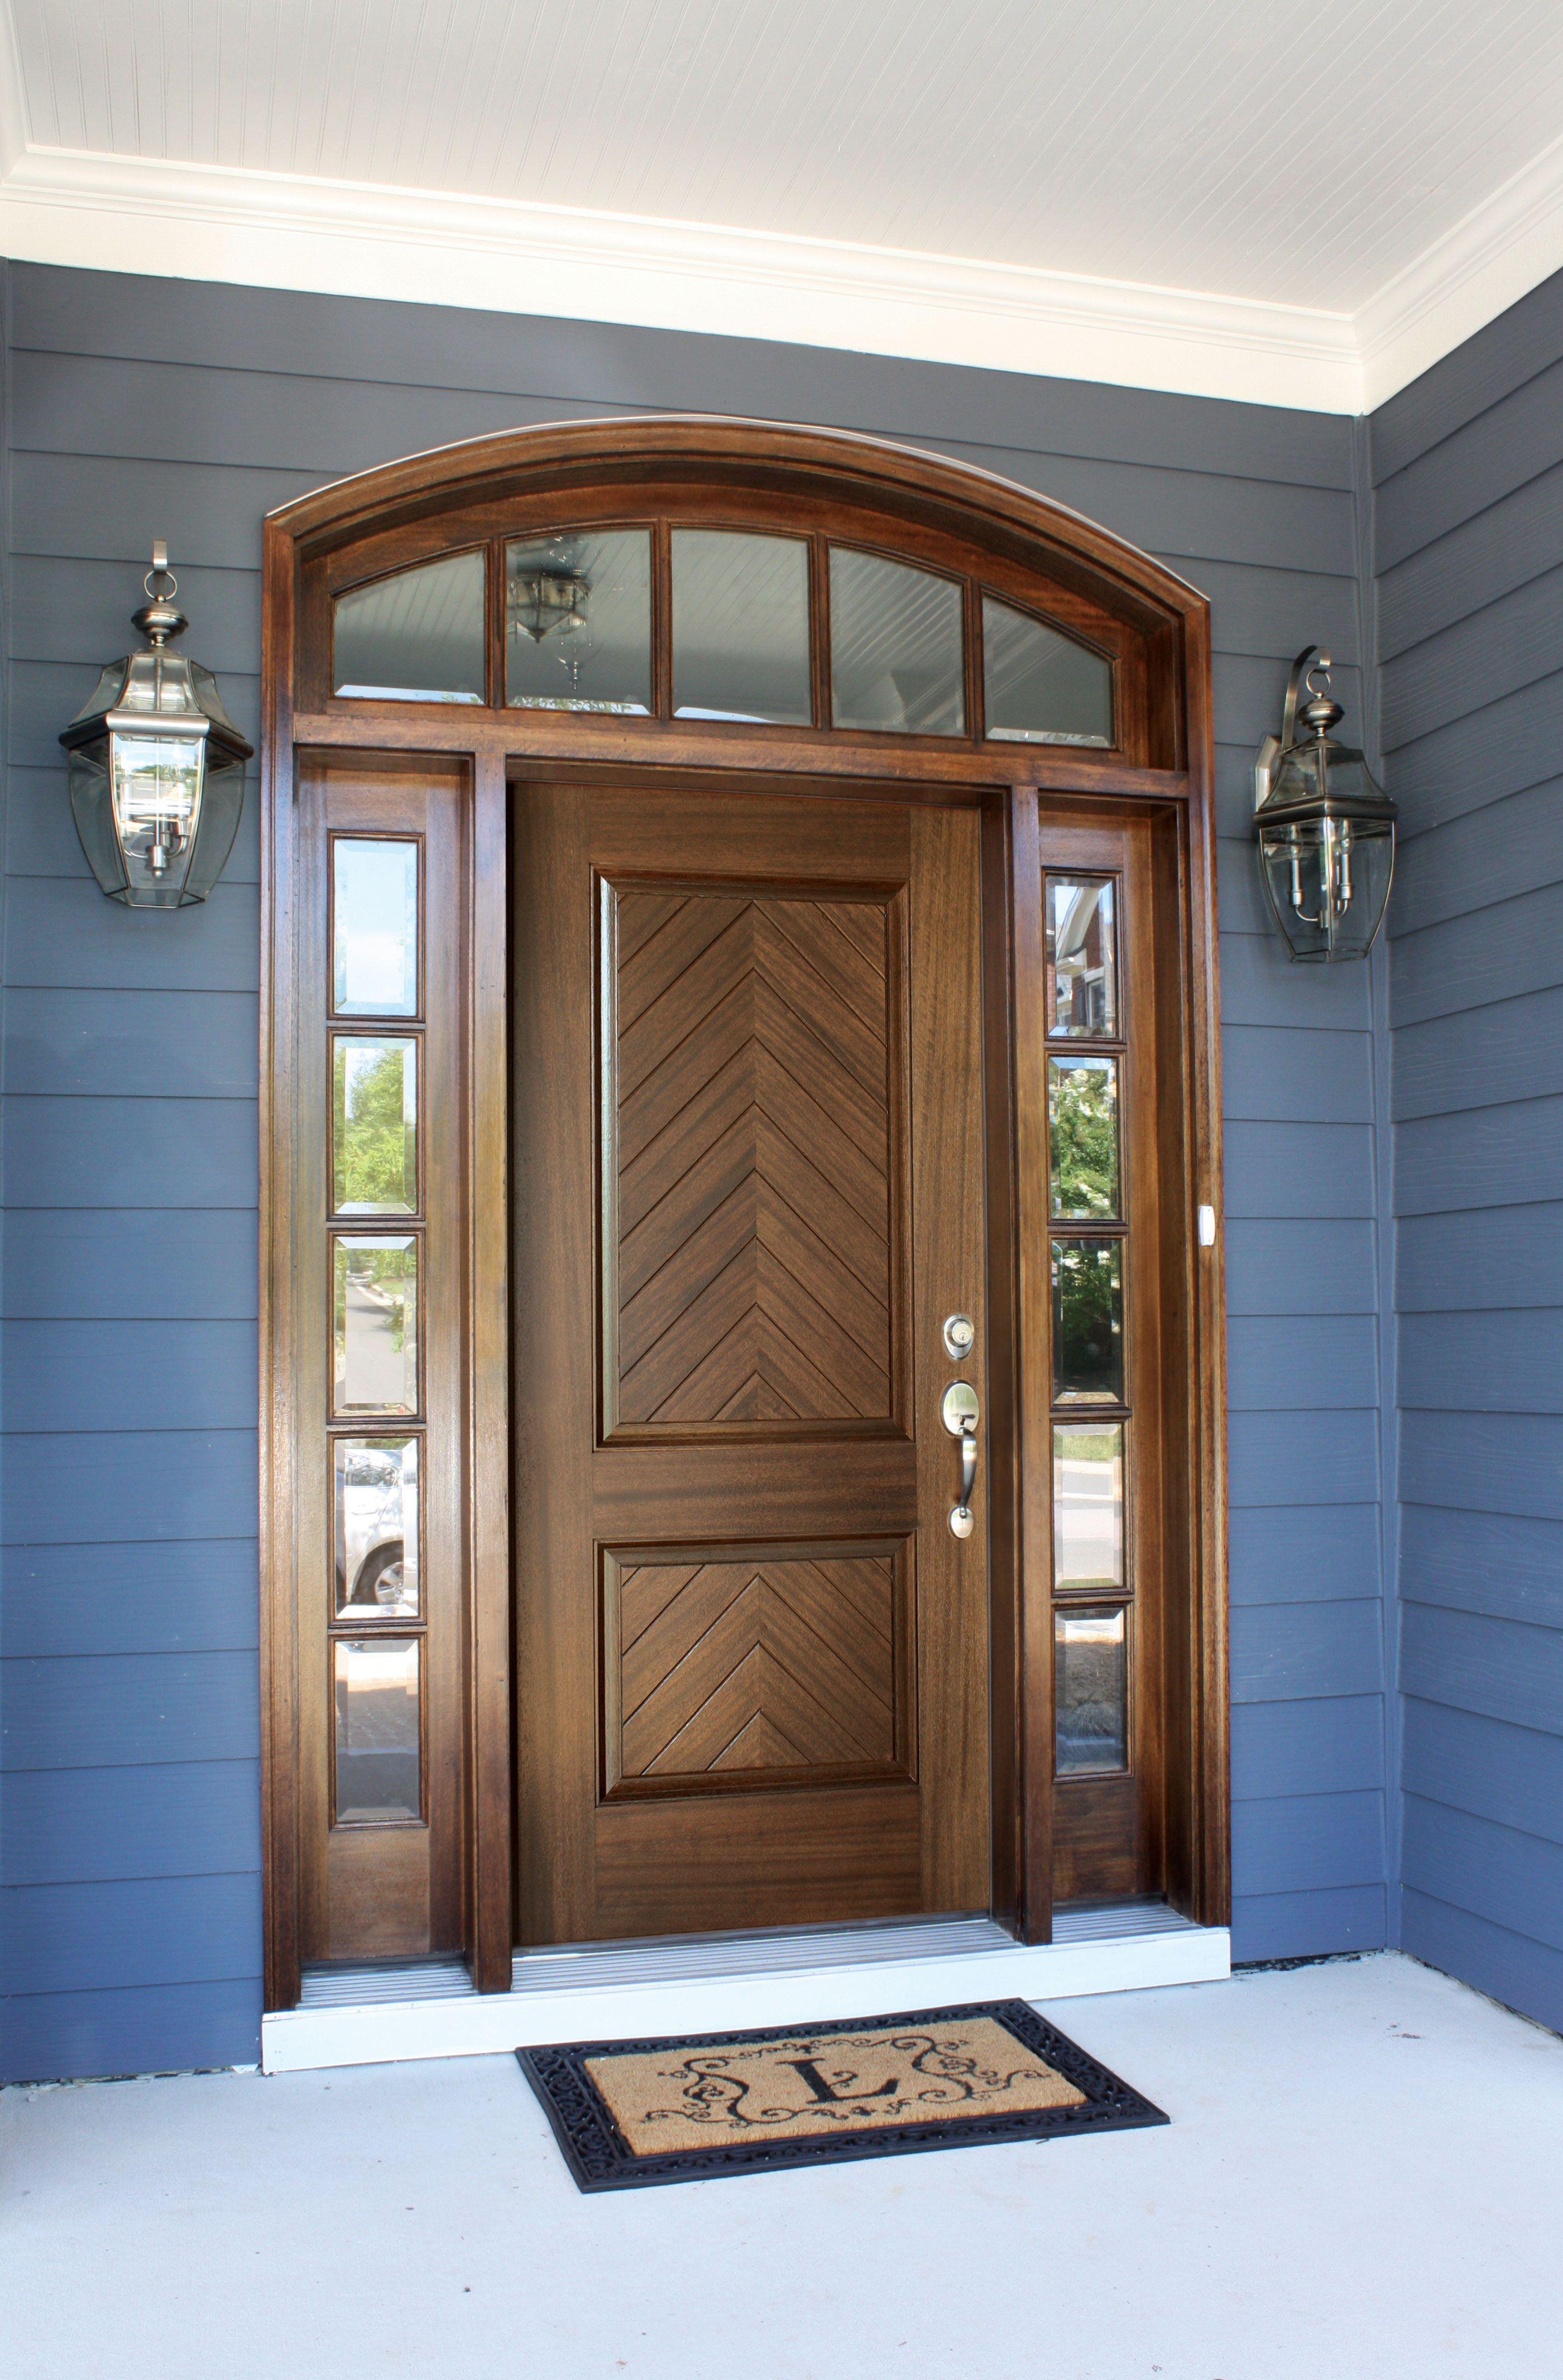 Manchester Solid Panel Square Clear Beveled Glass Door Design Modern Front Door Design Wood Wooden Front Door Design